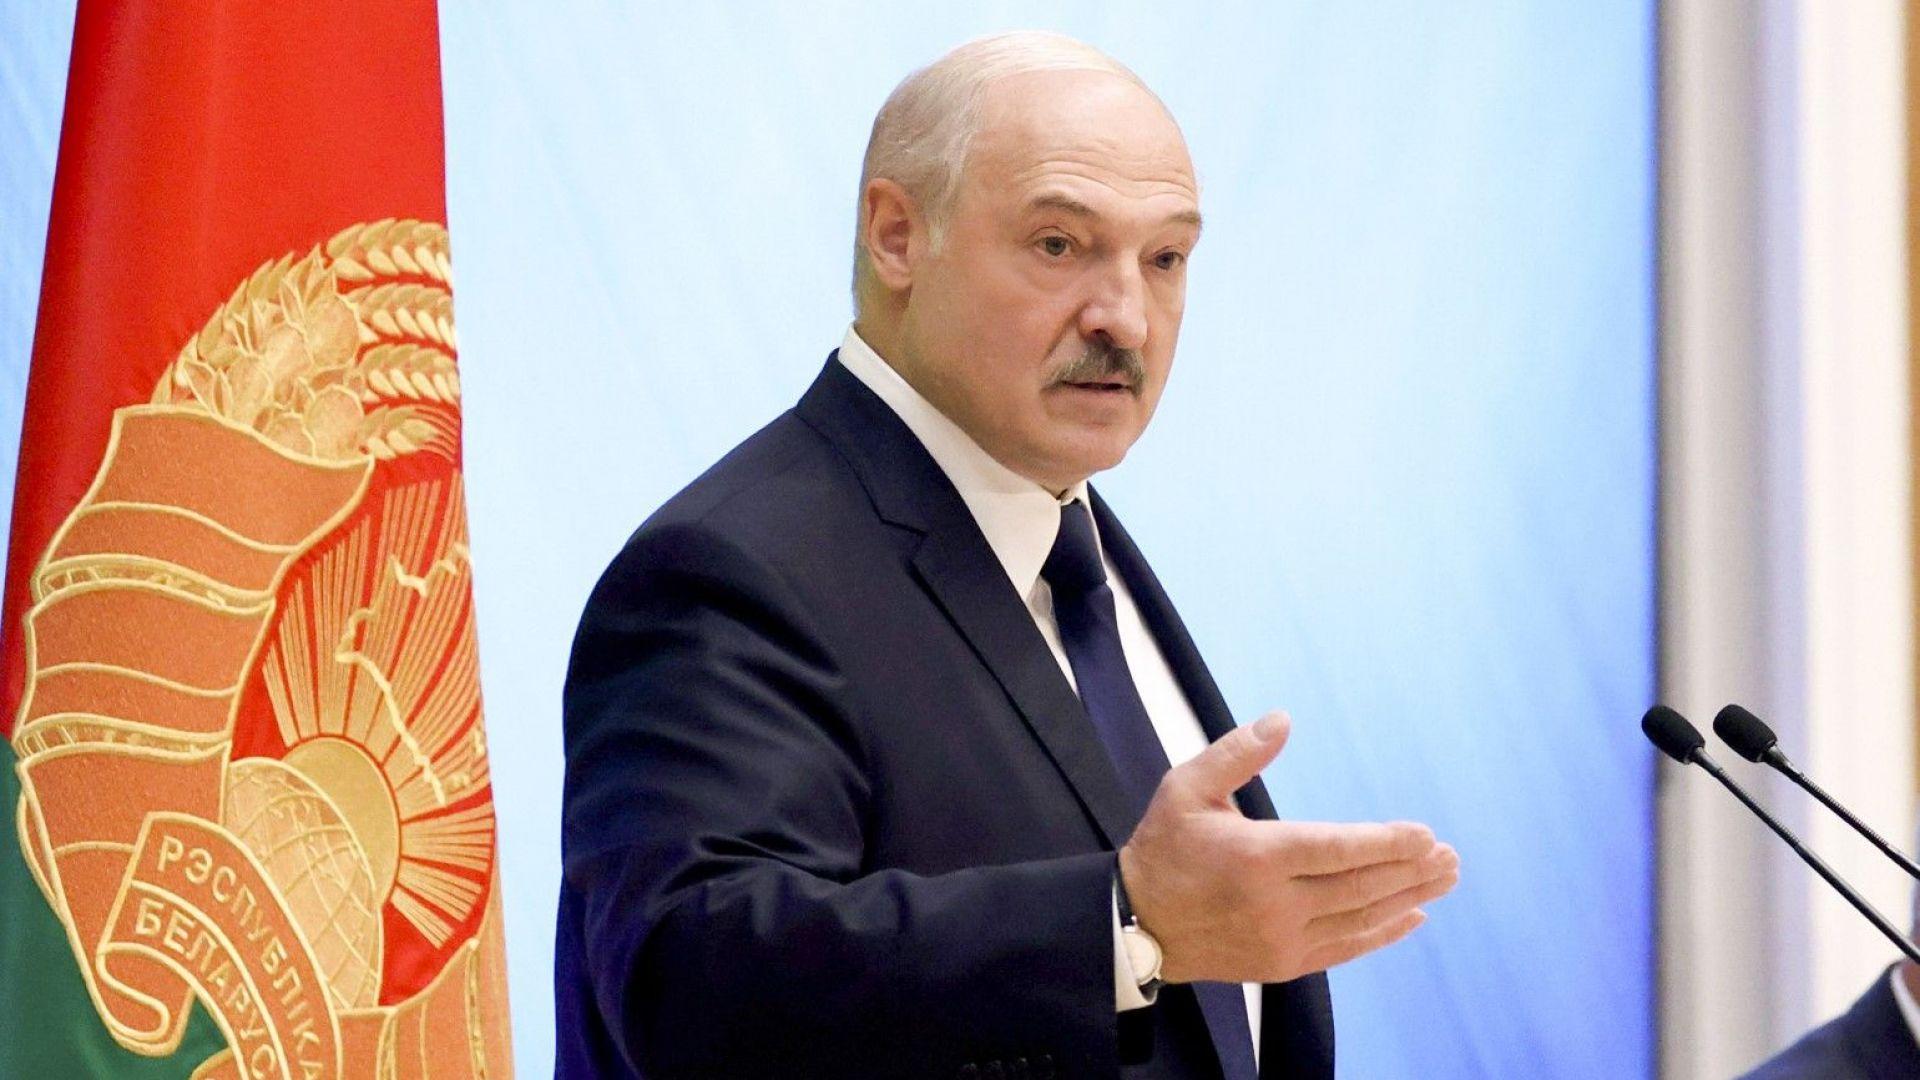 Лукашенко обяви, че е разбита група, планирала покушение срещу него по поръчка на Вашингтон